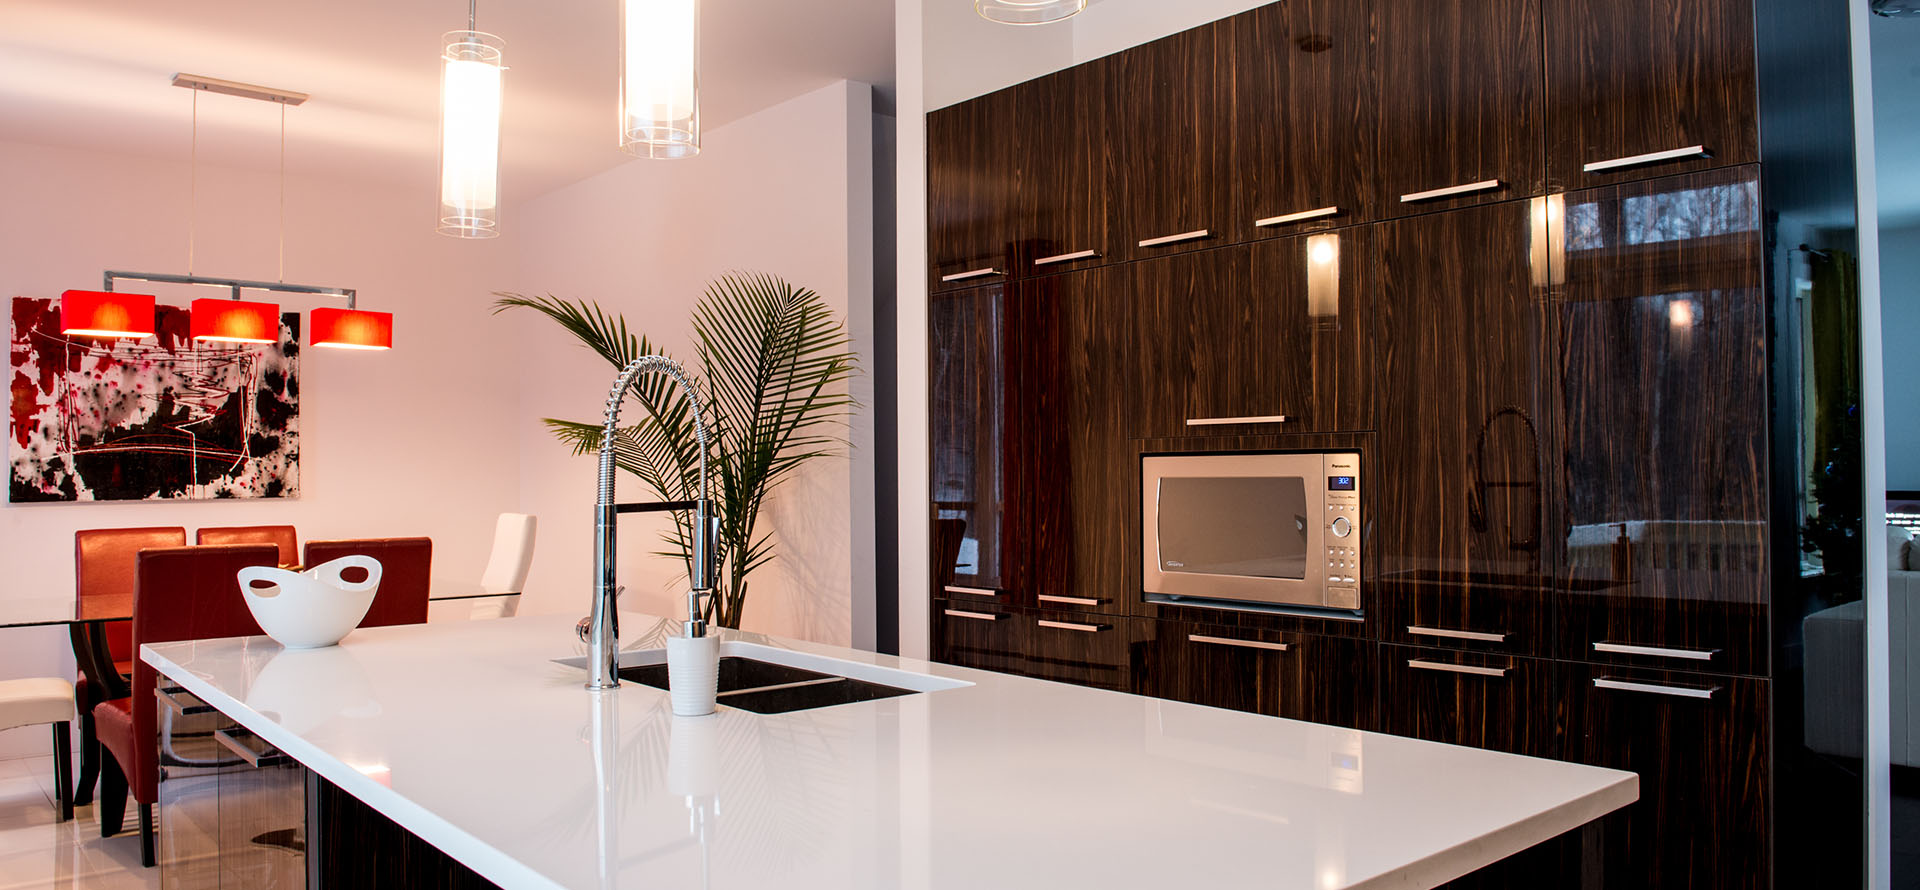 cuisine moderne au fini lustr sherbrooke. Black Bedroom Furniture Sets. Home Design Ideas